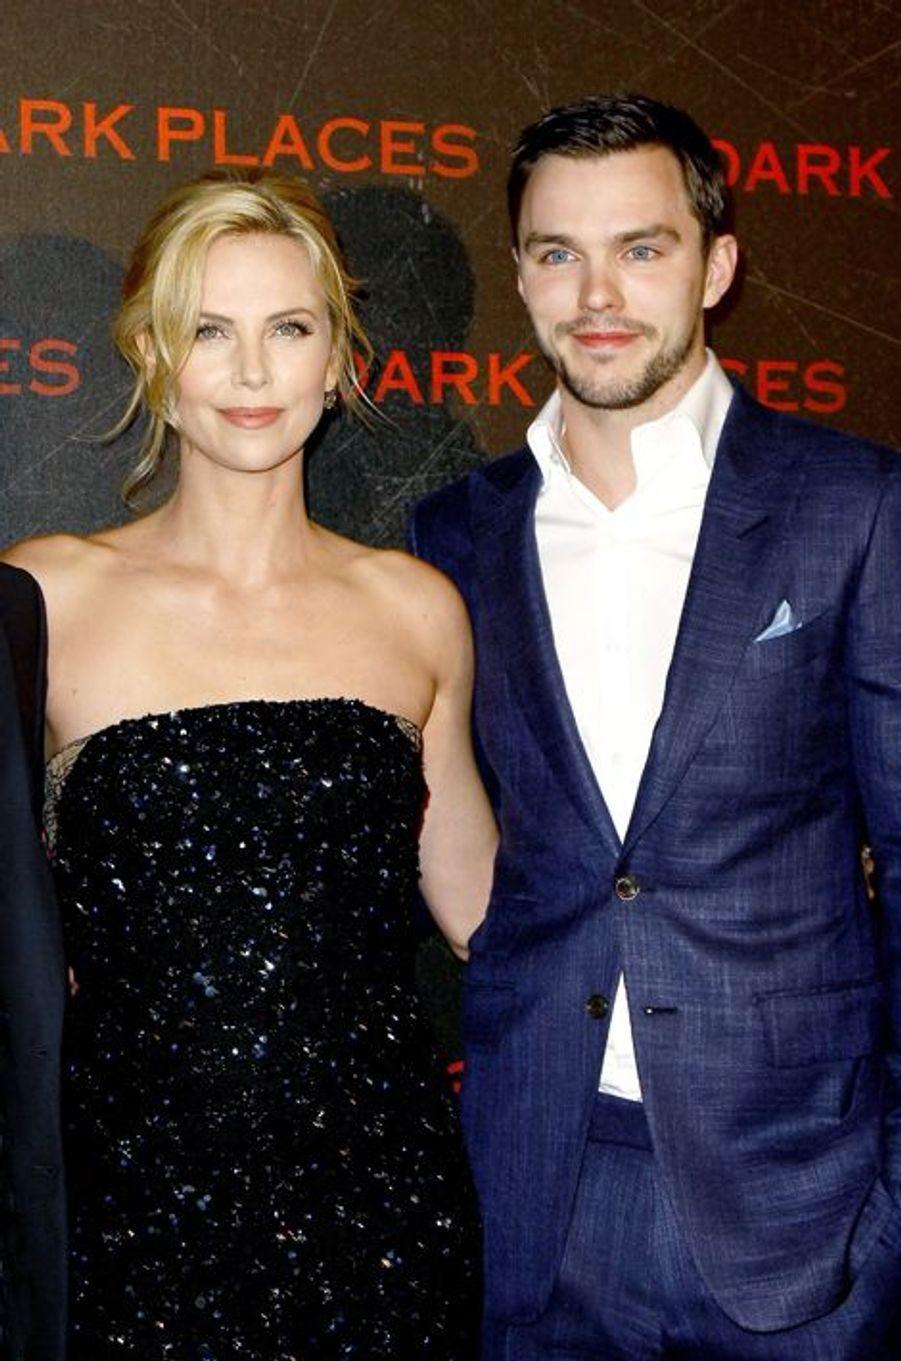 Cette première moitié d'année 2015 s'est révélée particulièrement enrichissante pour la fiancée de Sean Penn, qui a collaboré avec Nicholas Hoult à deux reprises : alors que «Dark Places» est toujours au cinéma, les deux acteurs se retrouveront prochainement à Cannes pour présenter «Mad Max : Fury Road».